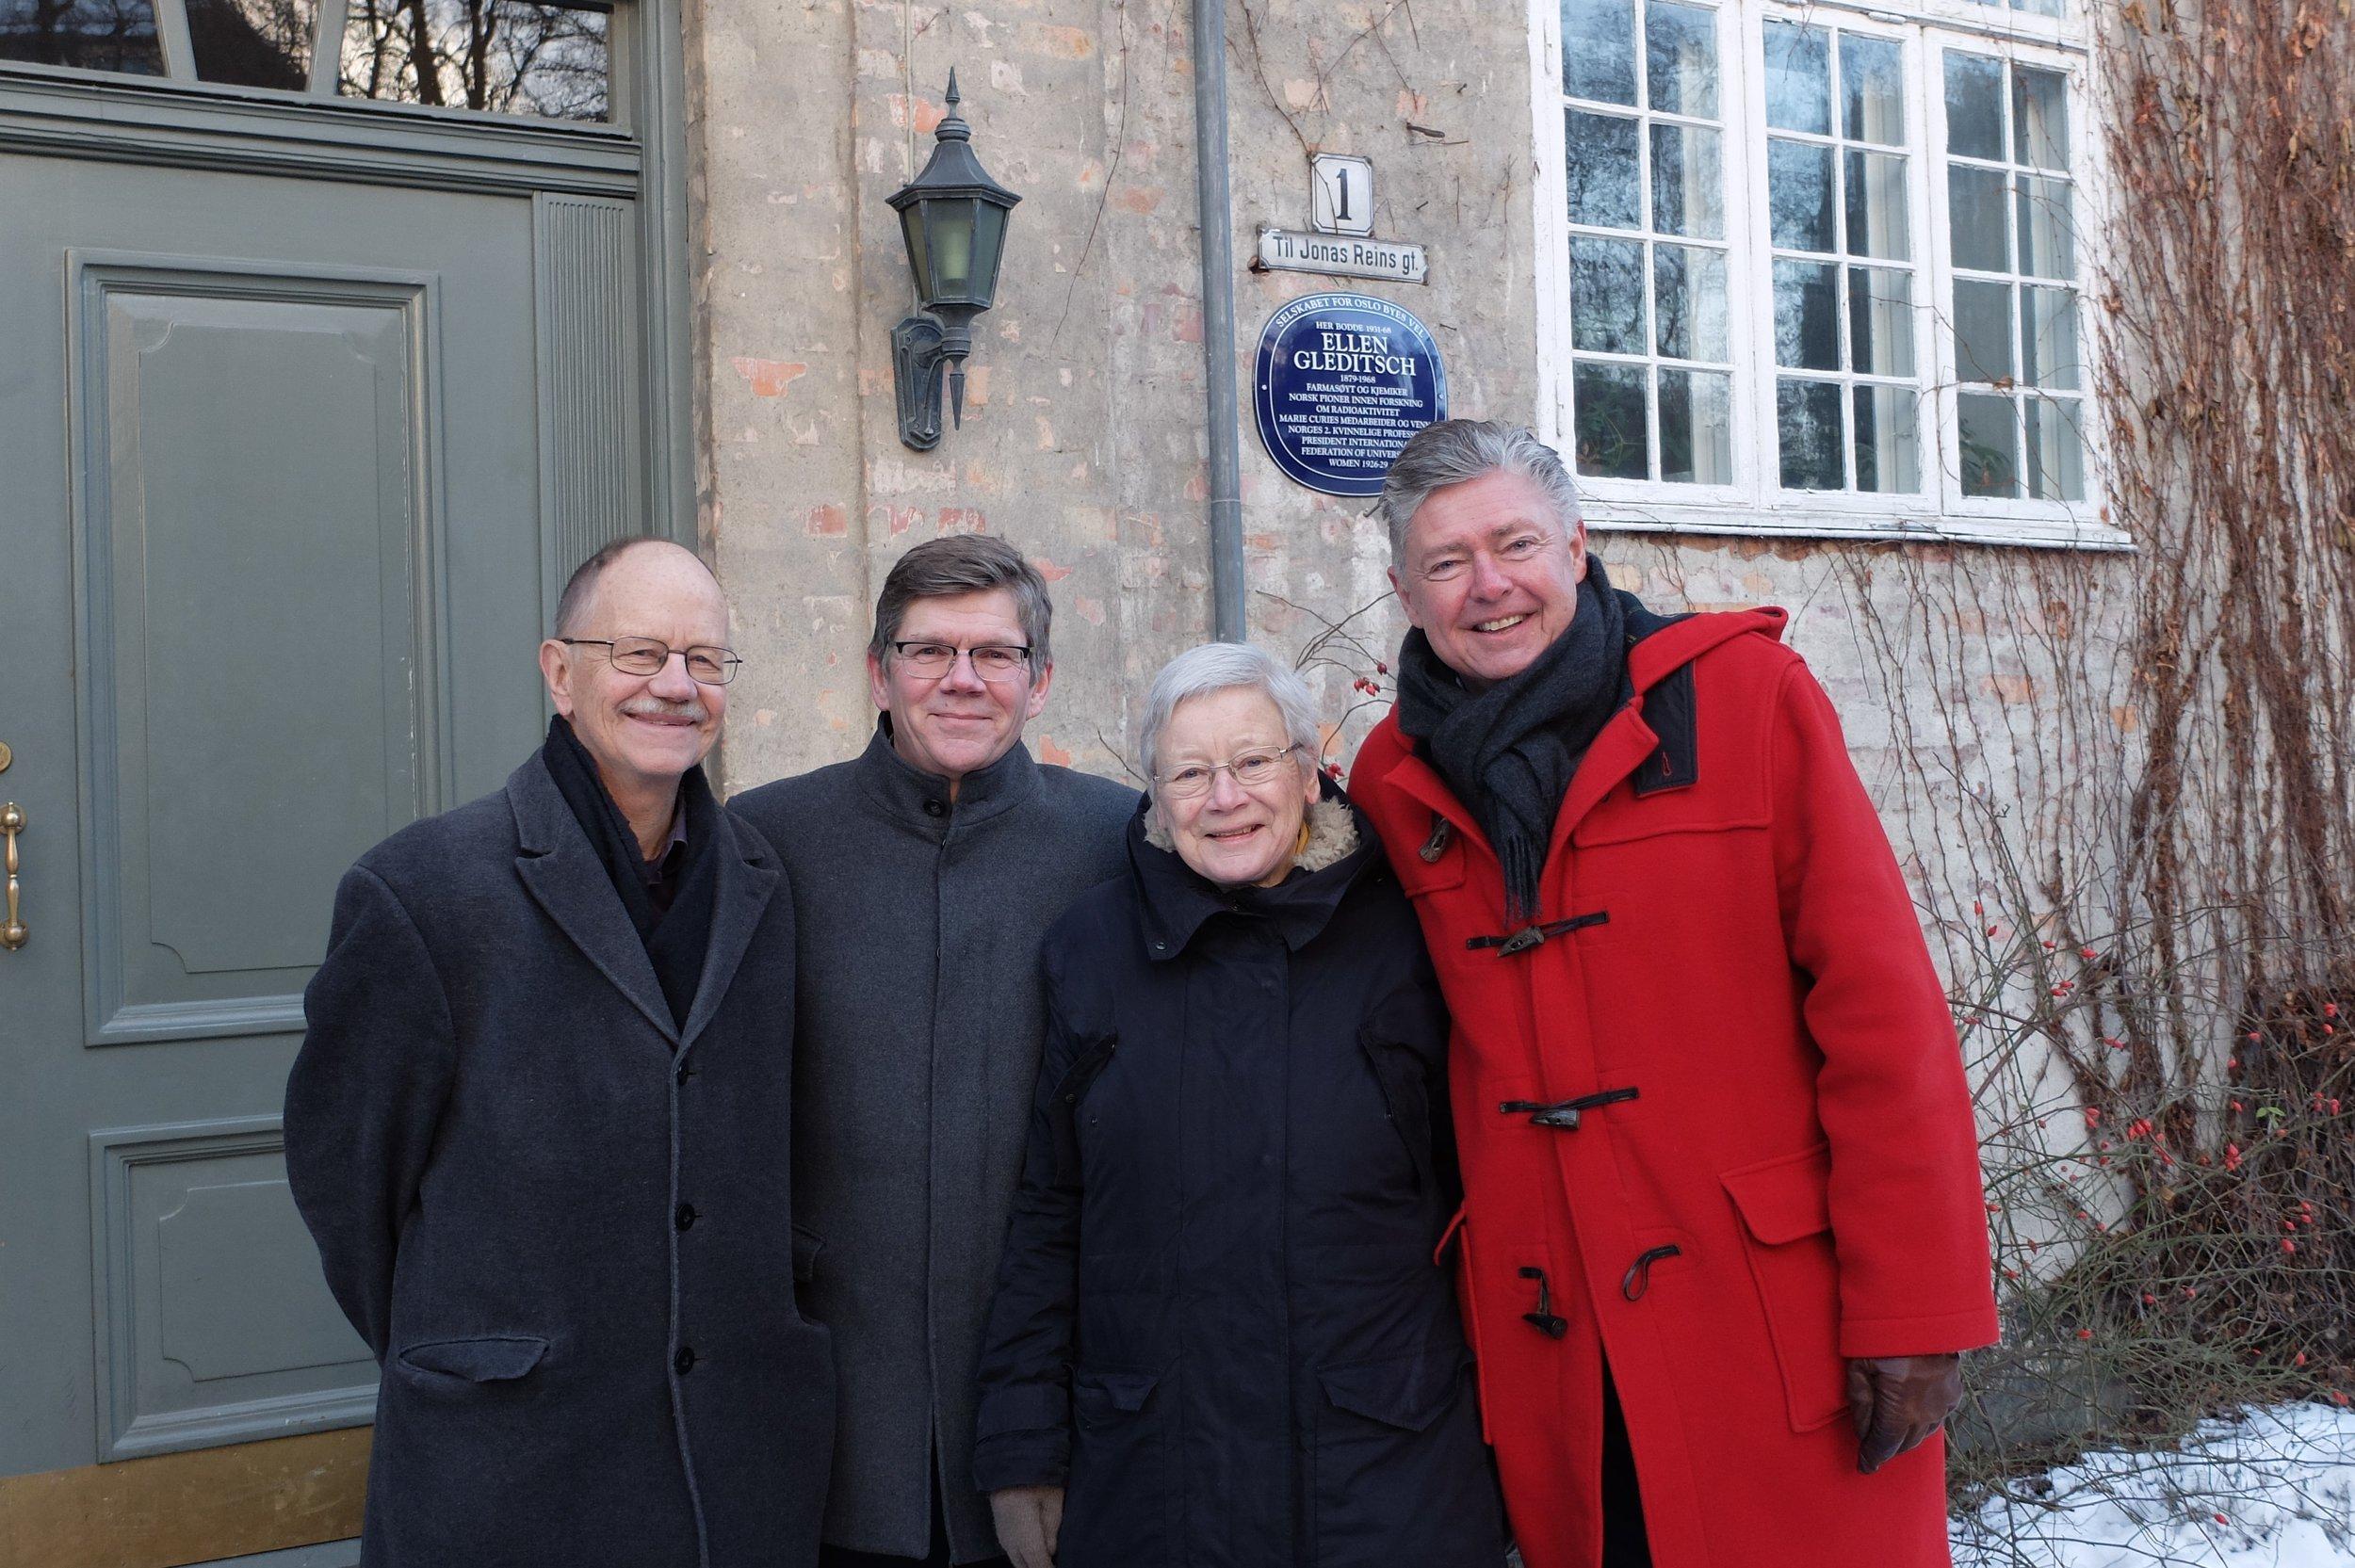 Fra venstre: Nils Petter Gleditsch, rektor ved Universitetet i Oslo Svein Stølen, Karin Bruzelius og generalsekretær Ole Rikard Høisæther i Oslo Byes Vel. Foto: Eivind Torgersen, forskning.no